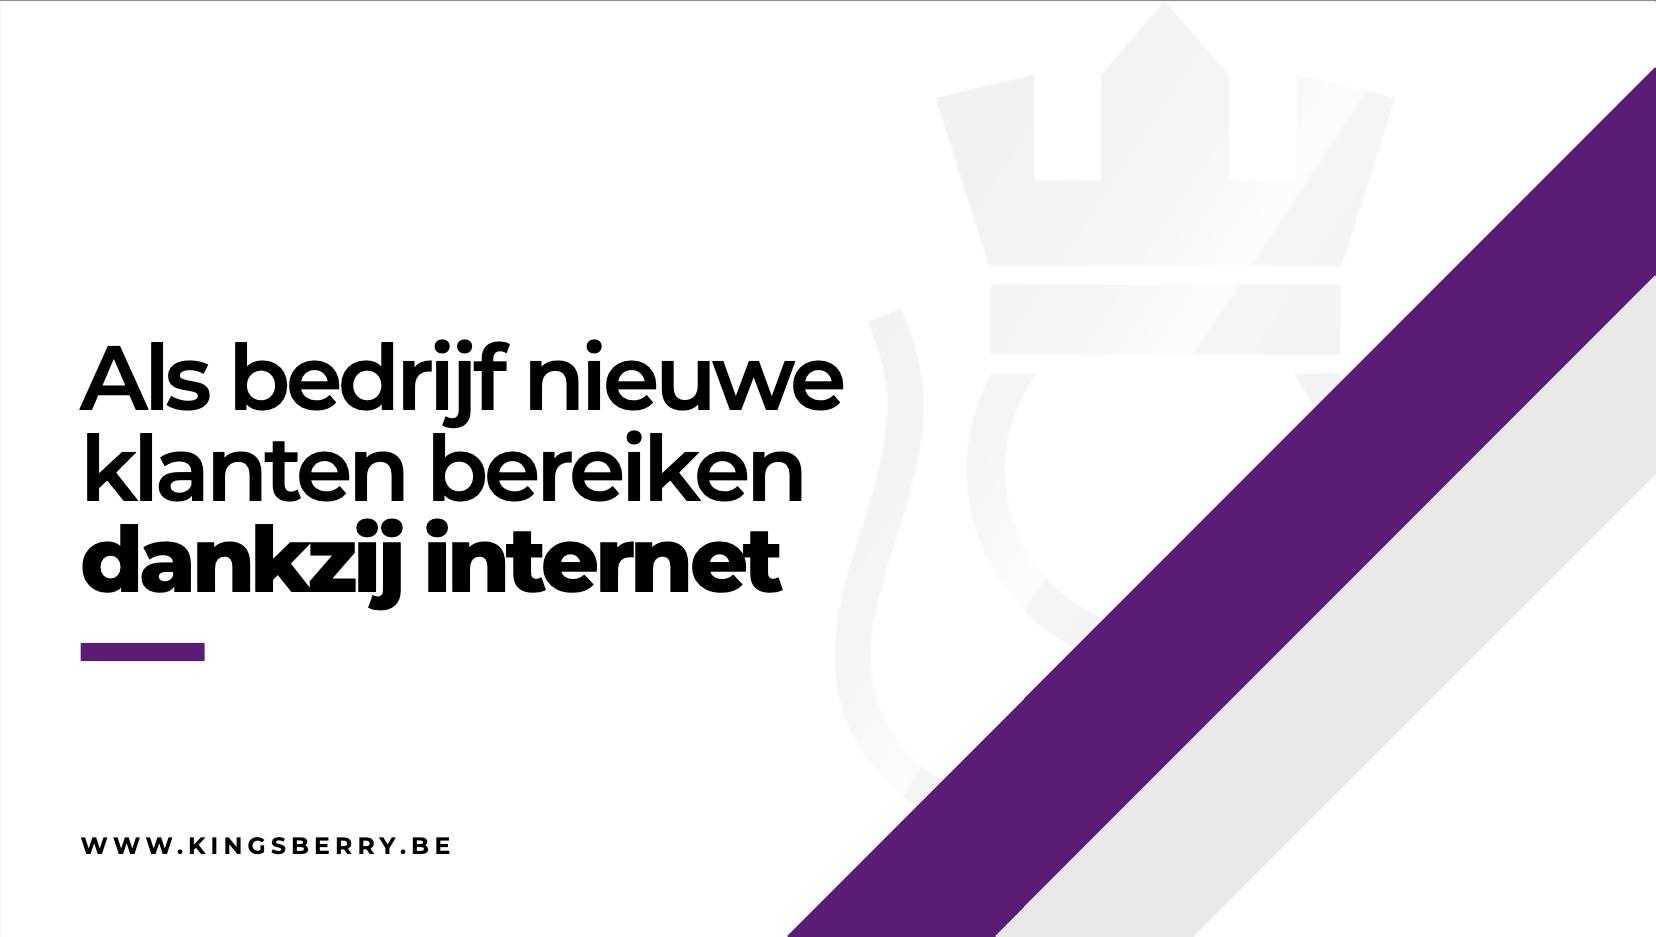 Kingsberry-meer-klanten-dankzij-internet